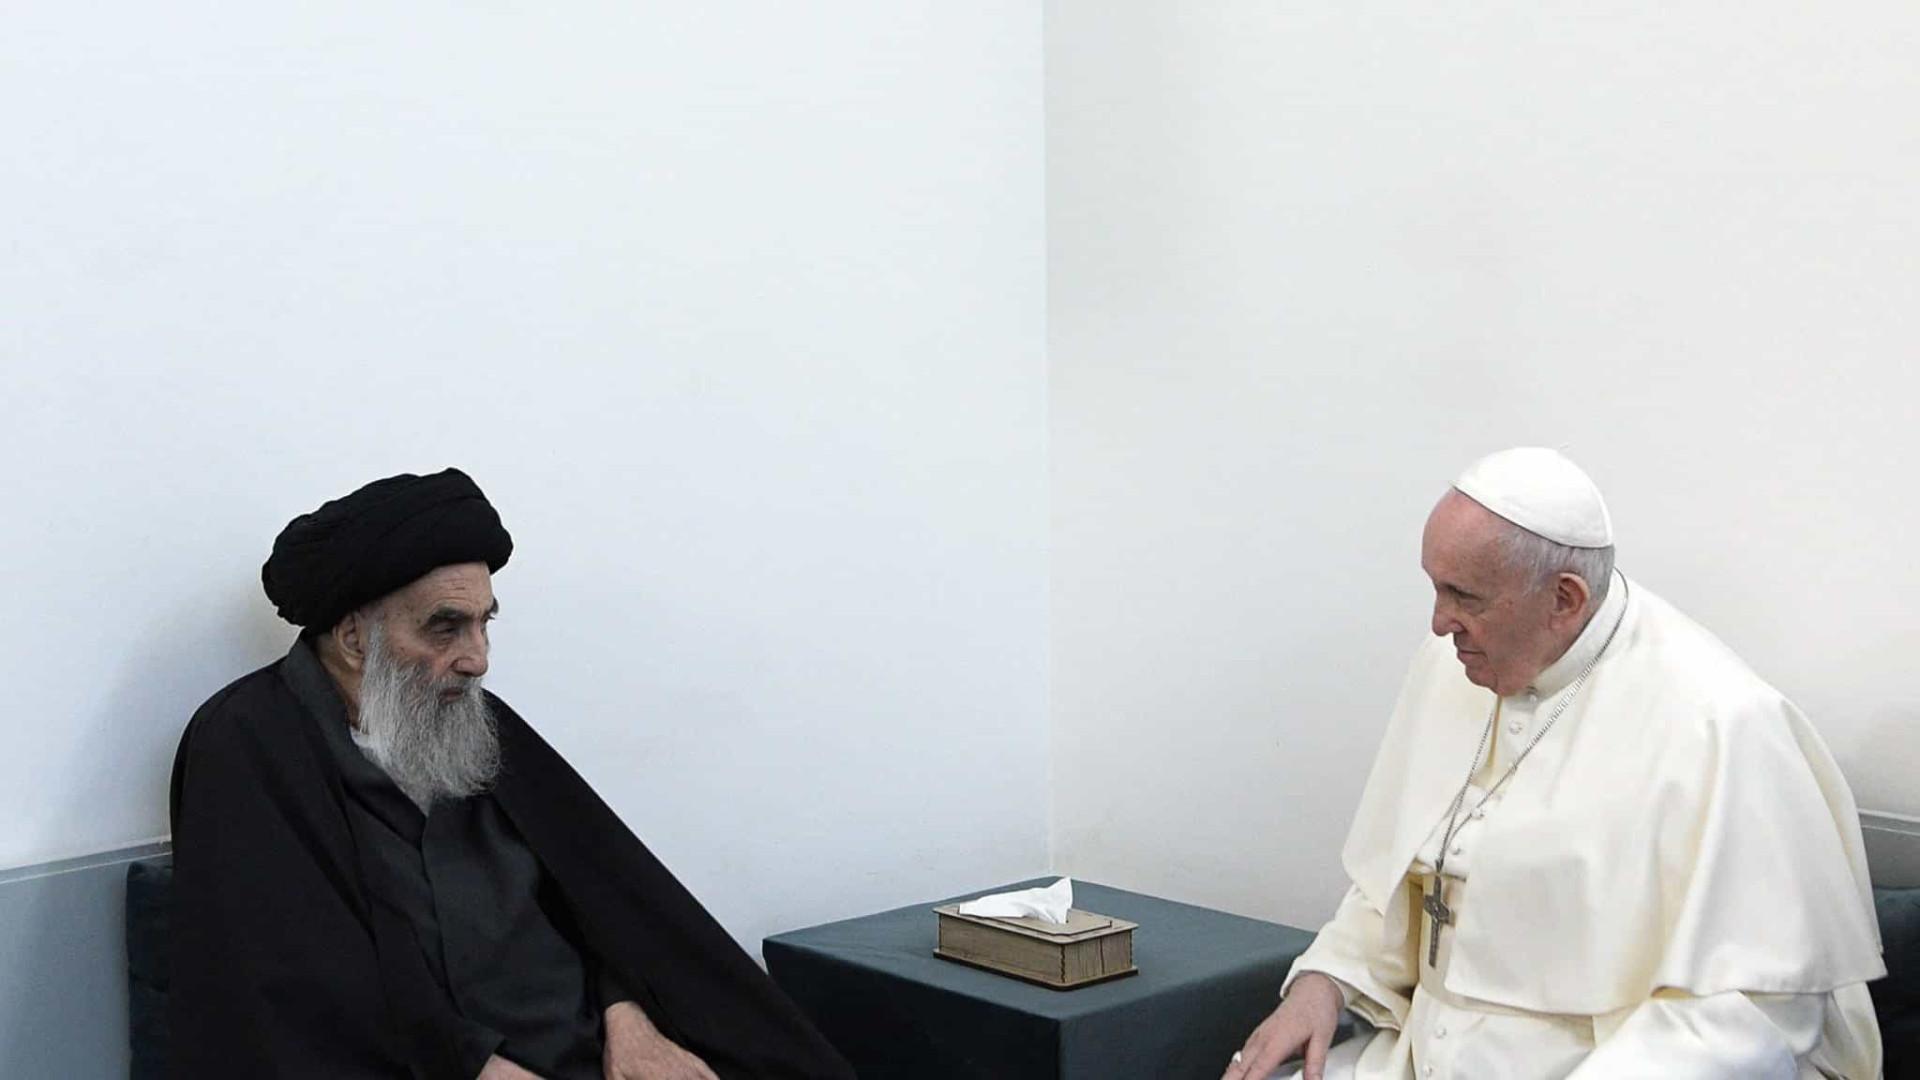 Cristãos no Iraque deveriam viver em paz, disse al-Sistani ao Papa